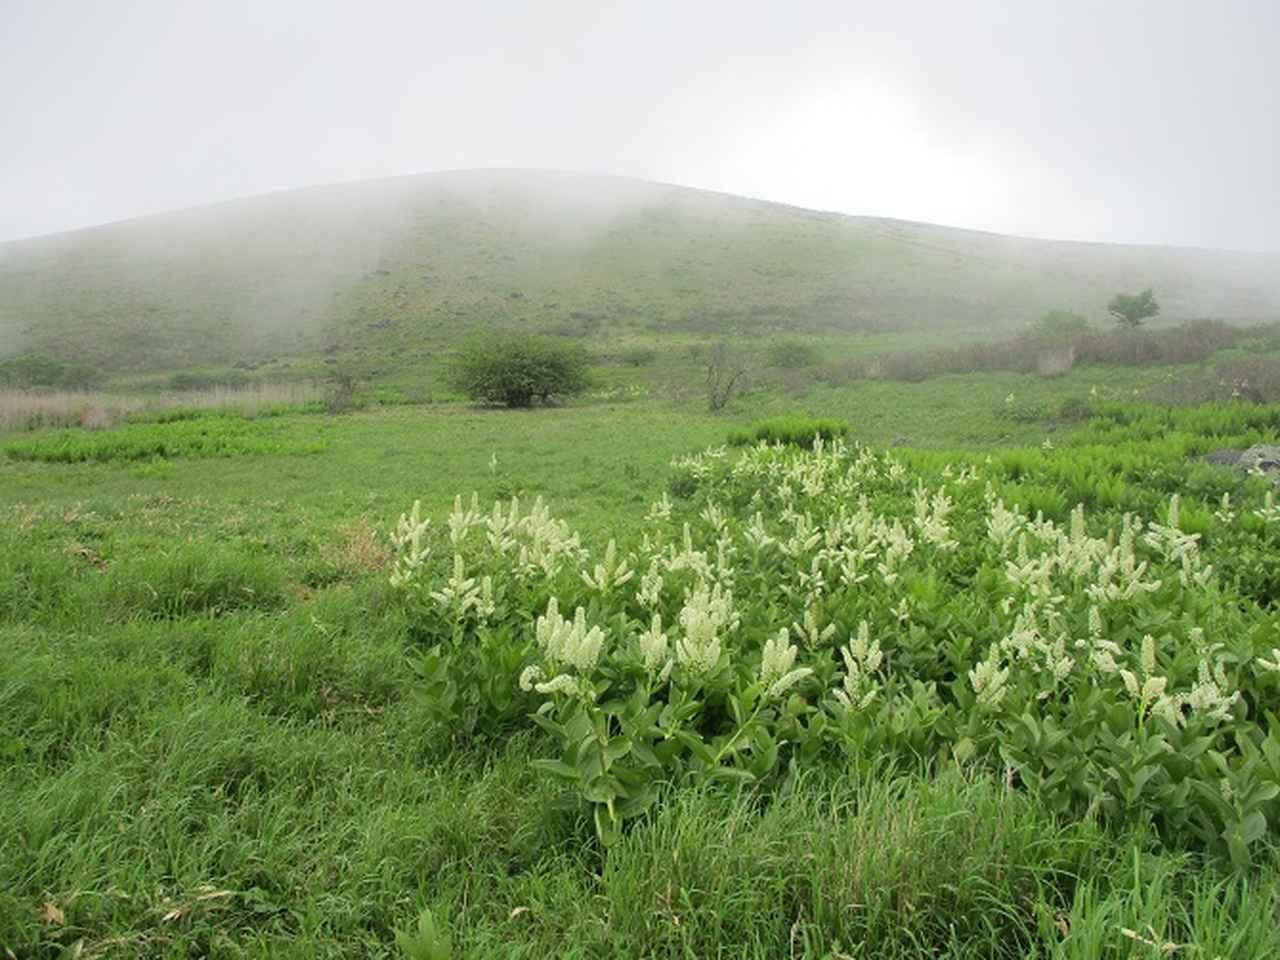 画像2: 7月の山旅会 「男女倉山」 ツアーの下見に行ってきました!